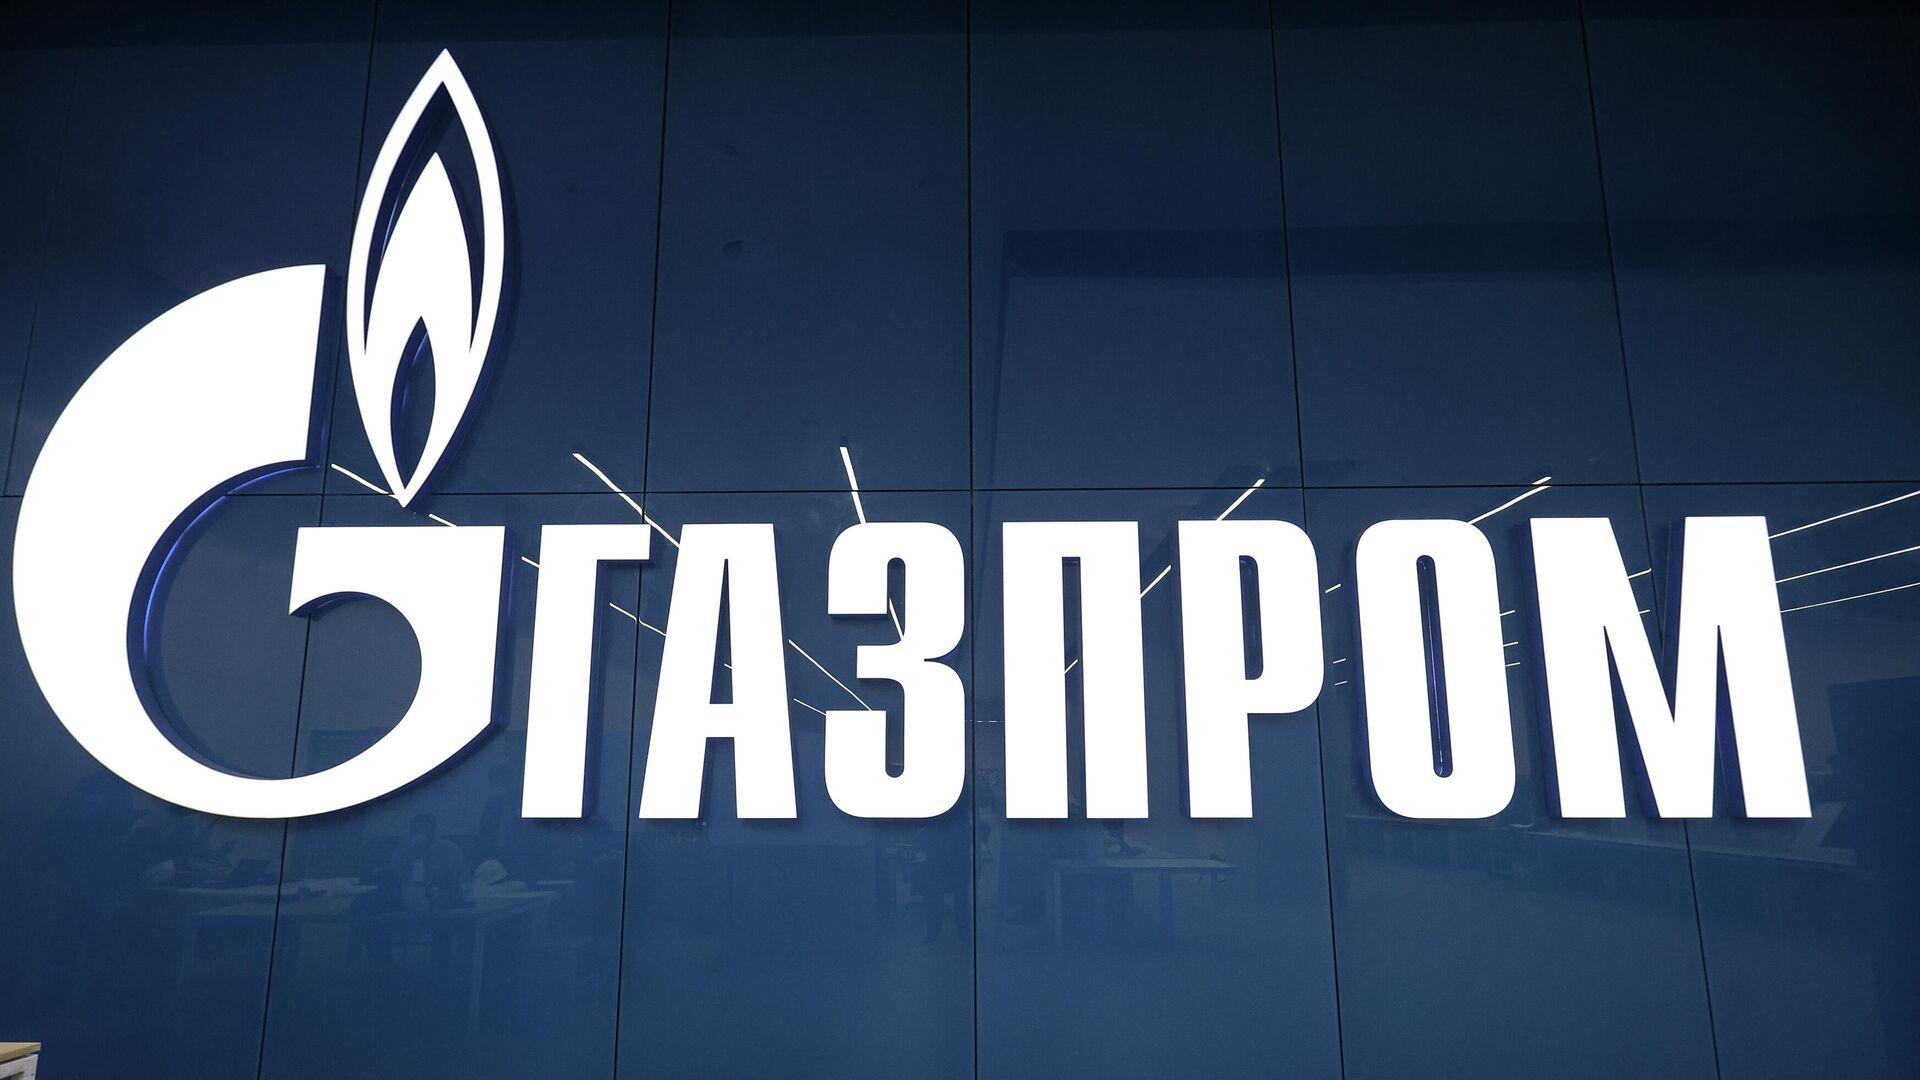 Das Logo des russischen Gasriesen Gazprom  - SNA, 1920, 24.09.2021